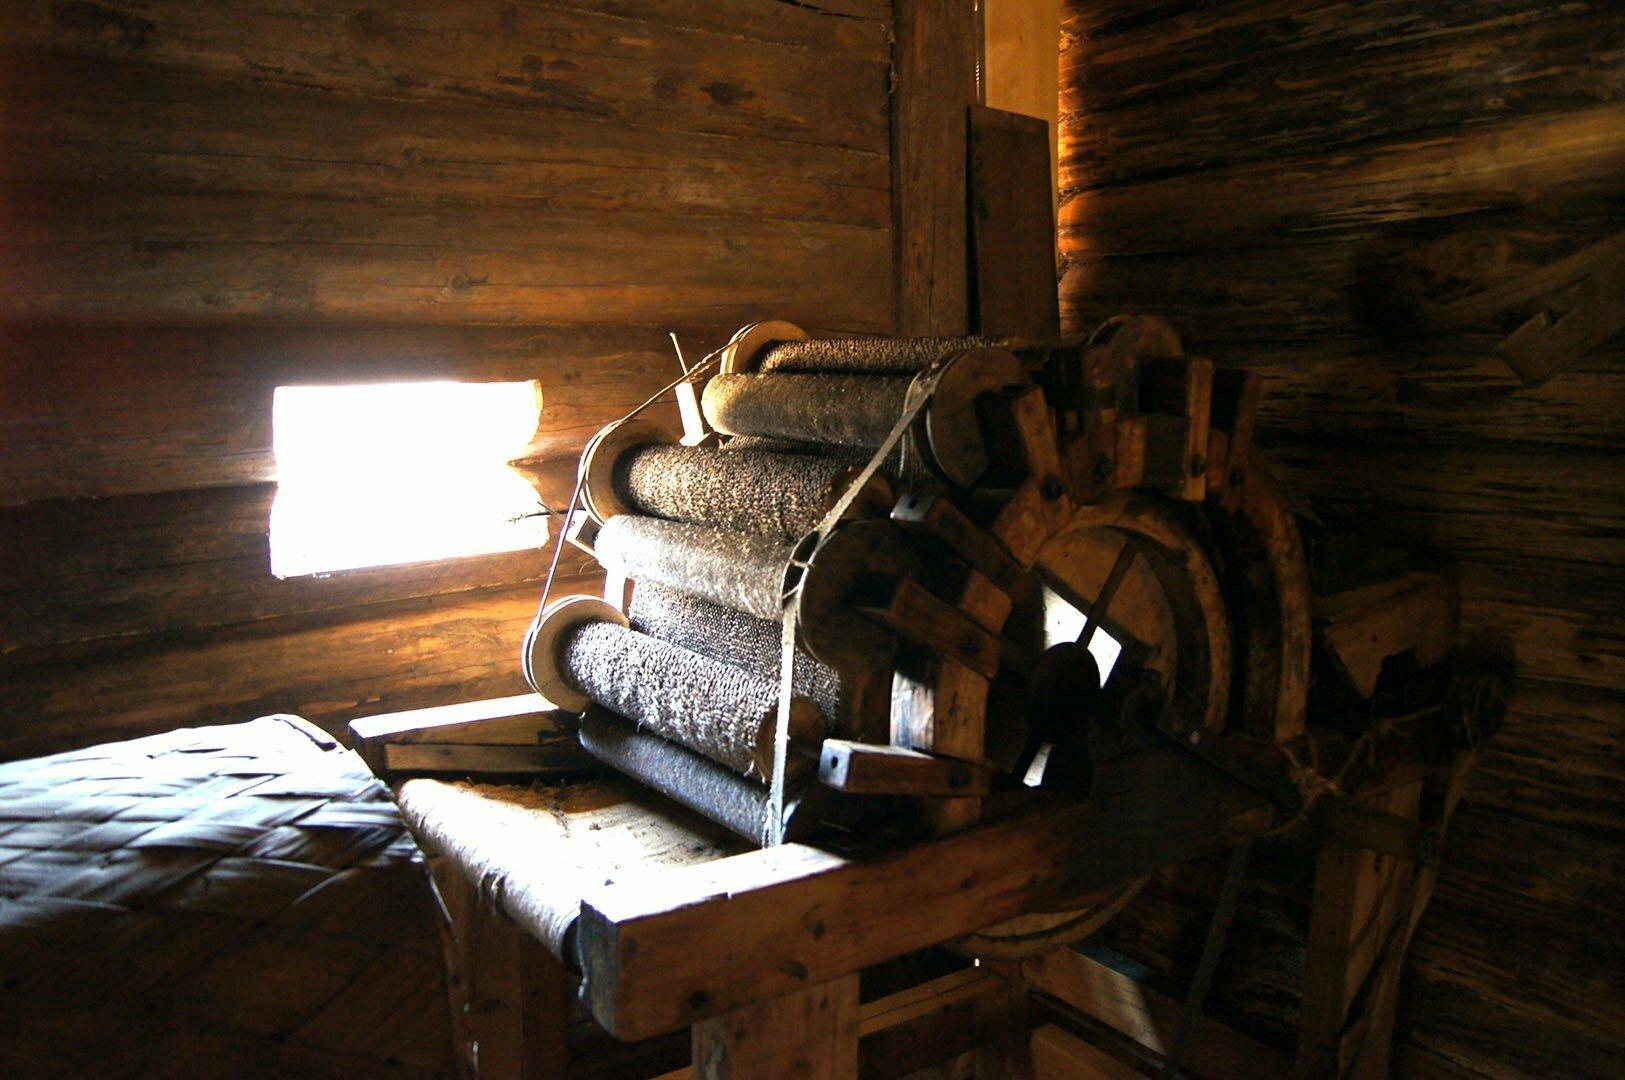 Шерстобитный и шерстоваляльный промыслы в избе Добровольских, Музей деревянного зодчества в Великом Новгороде